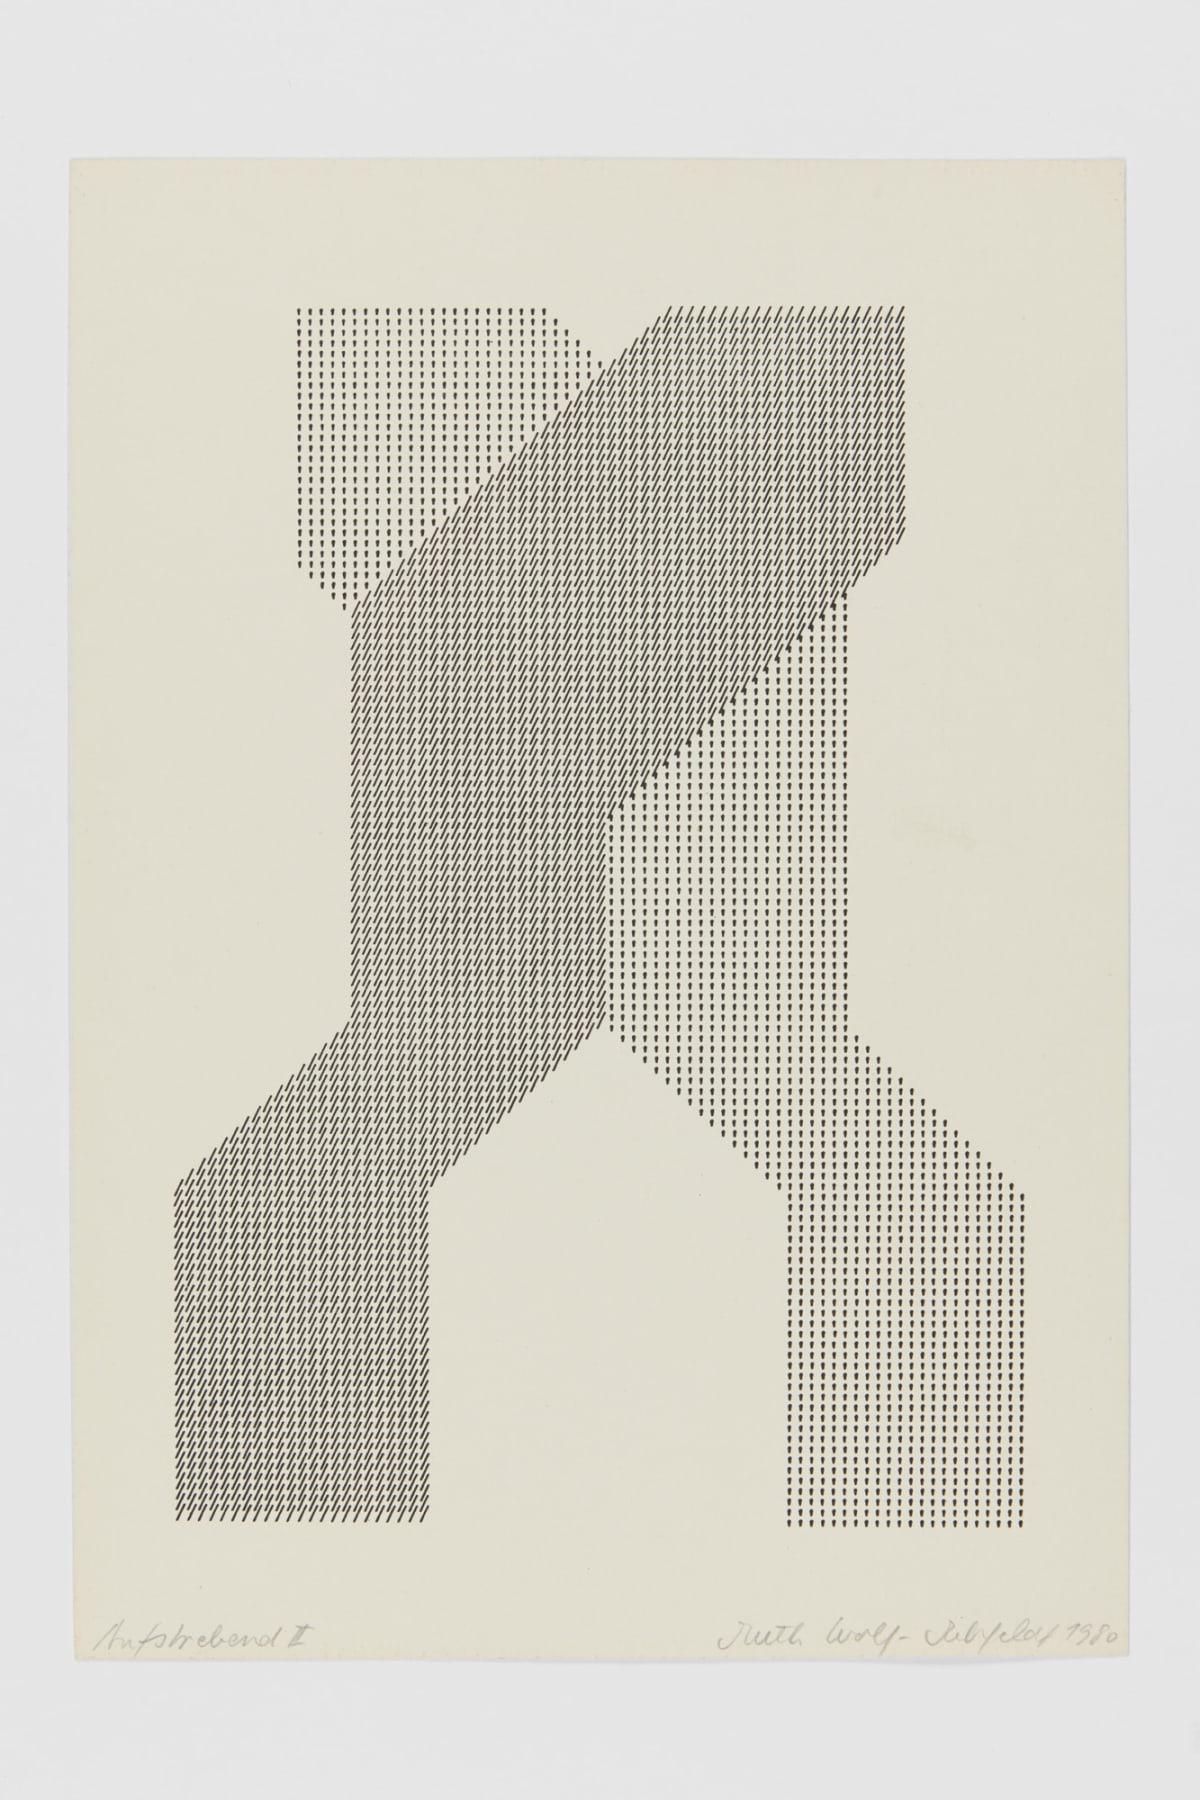 Ruth WOLF-REHFELDT Aspiring, 1980 print (zinc lithograph) 30.6 x 20.5 cm